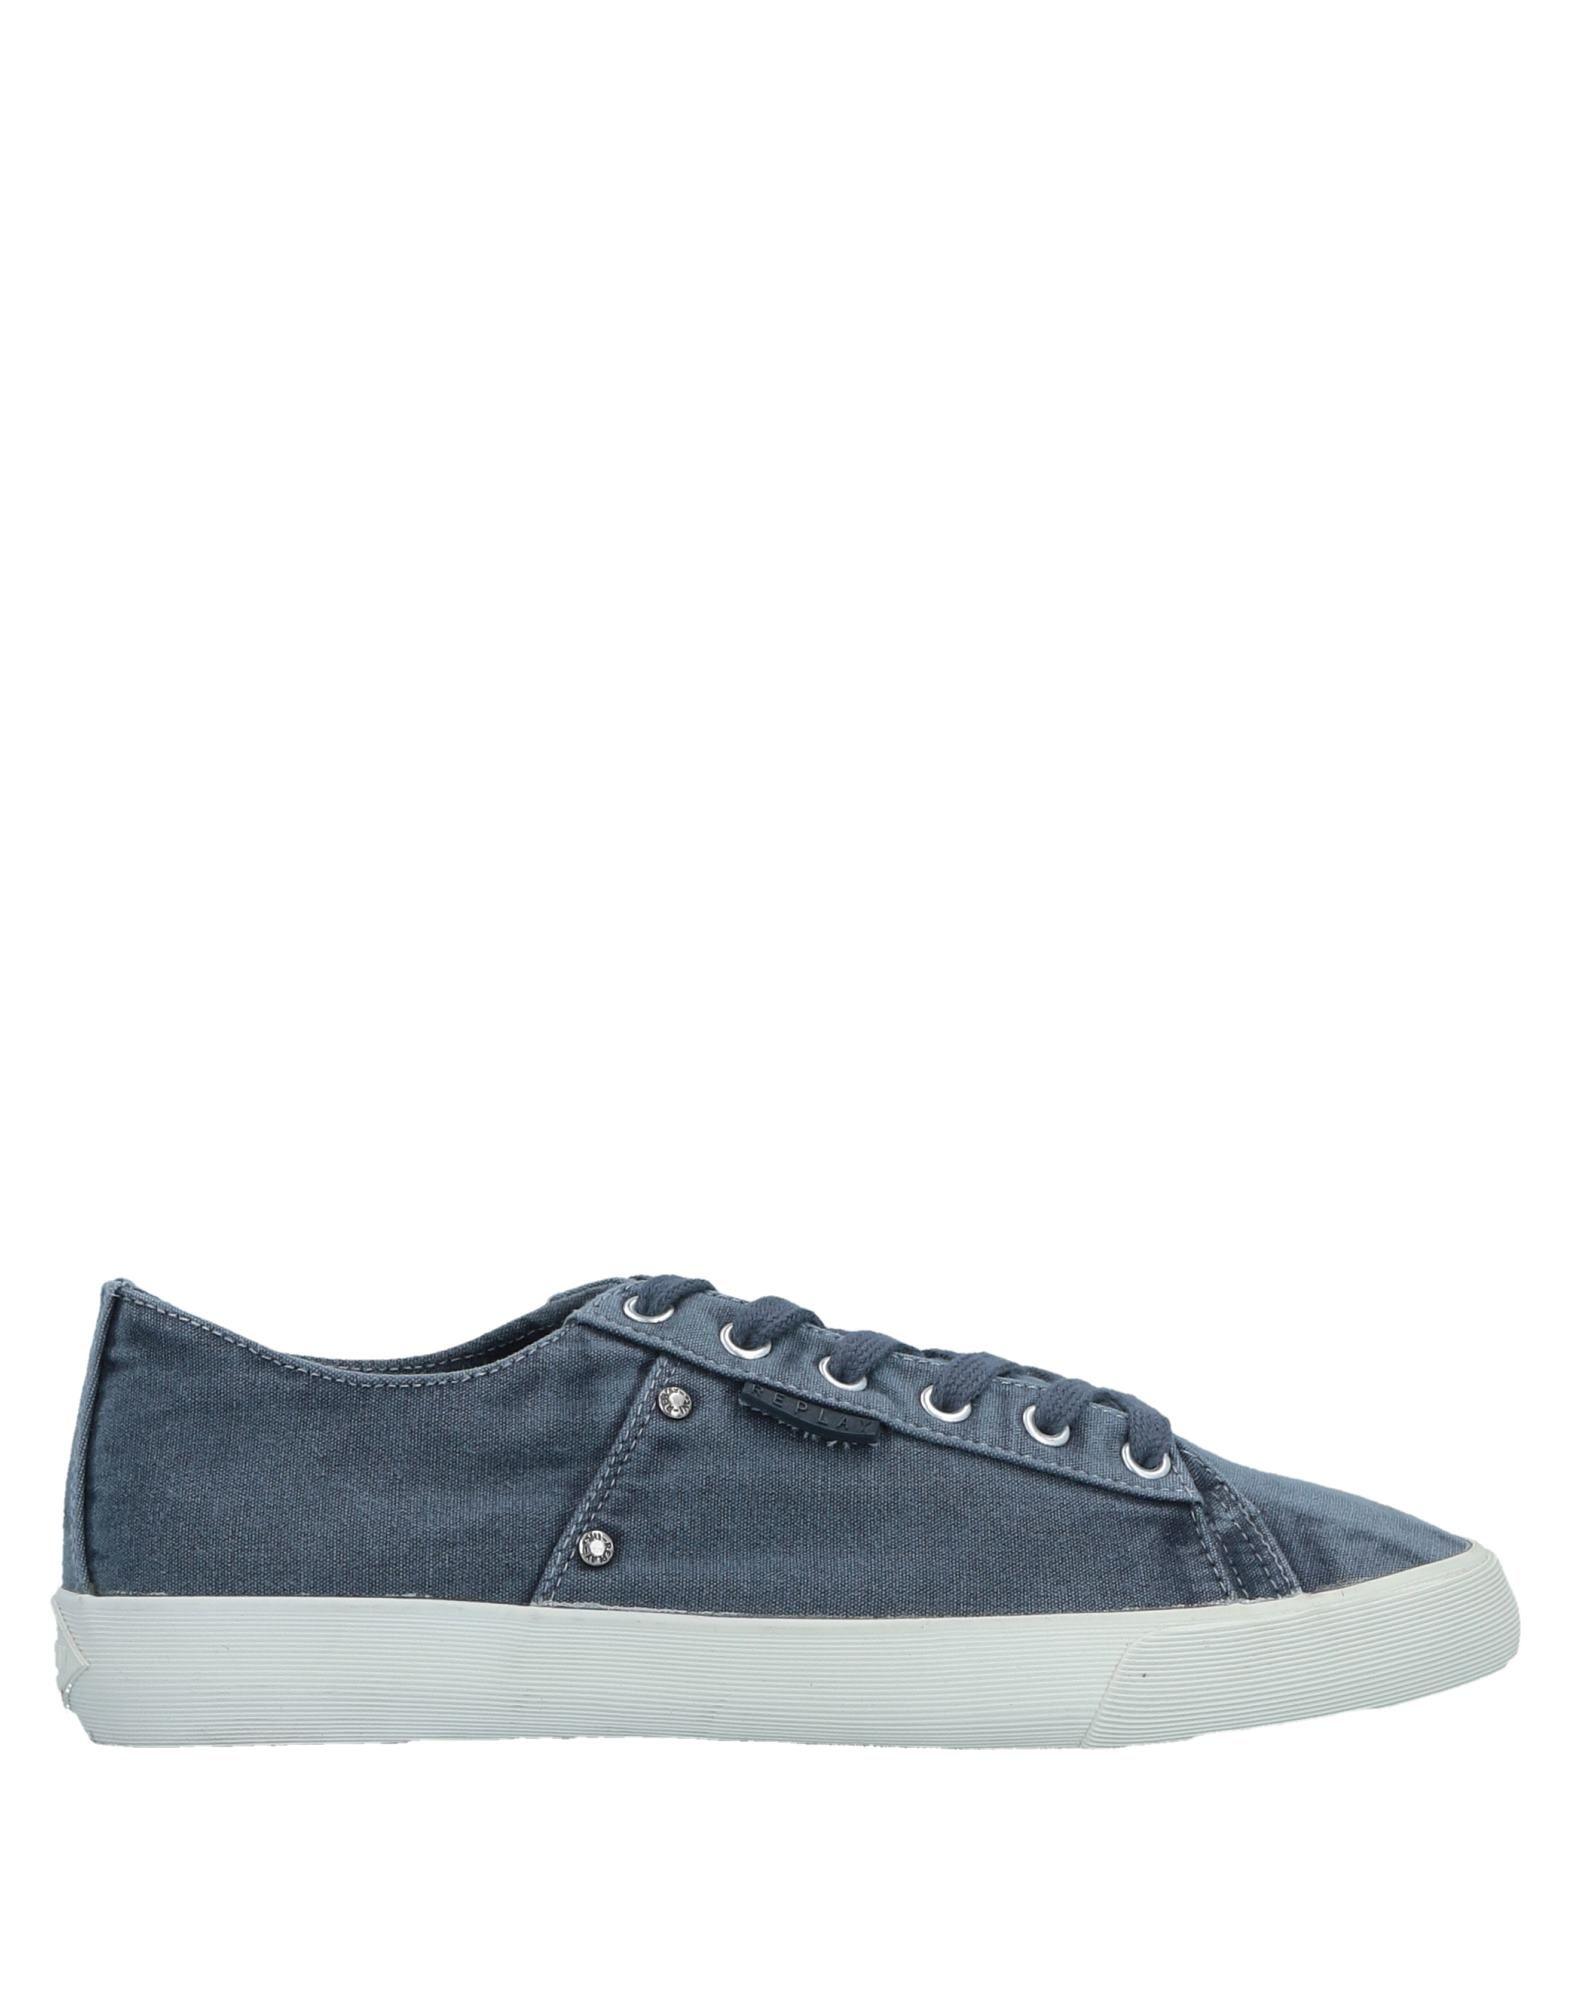 Rabatt echte Sneakers Schuhe Replay Sneakers echte Herren  11517422HQ bffdaf